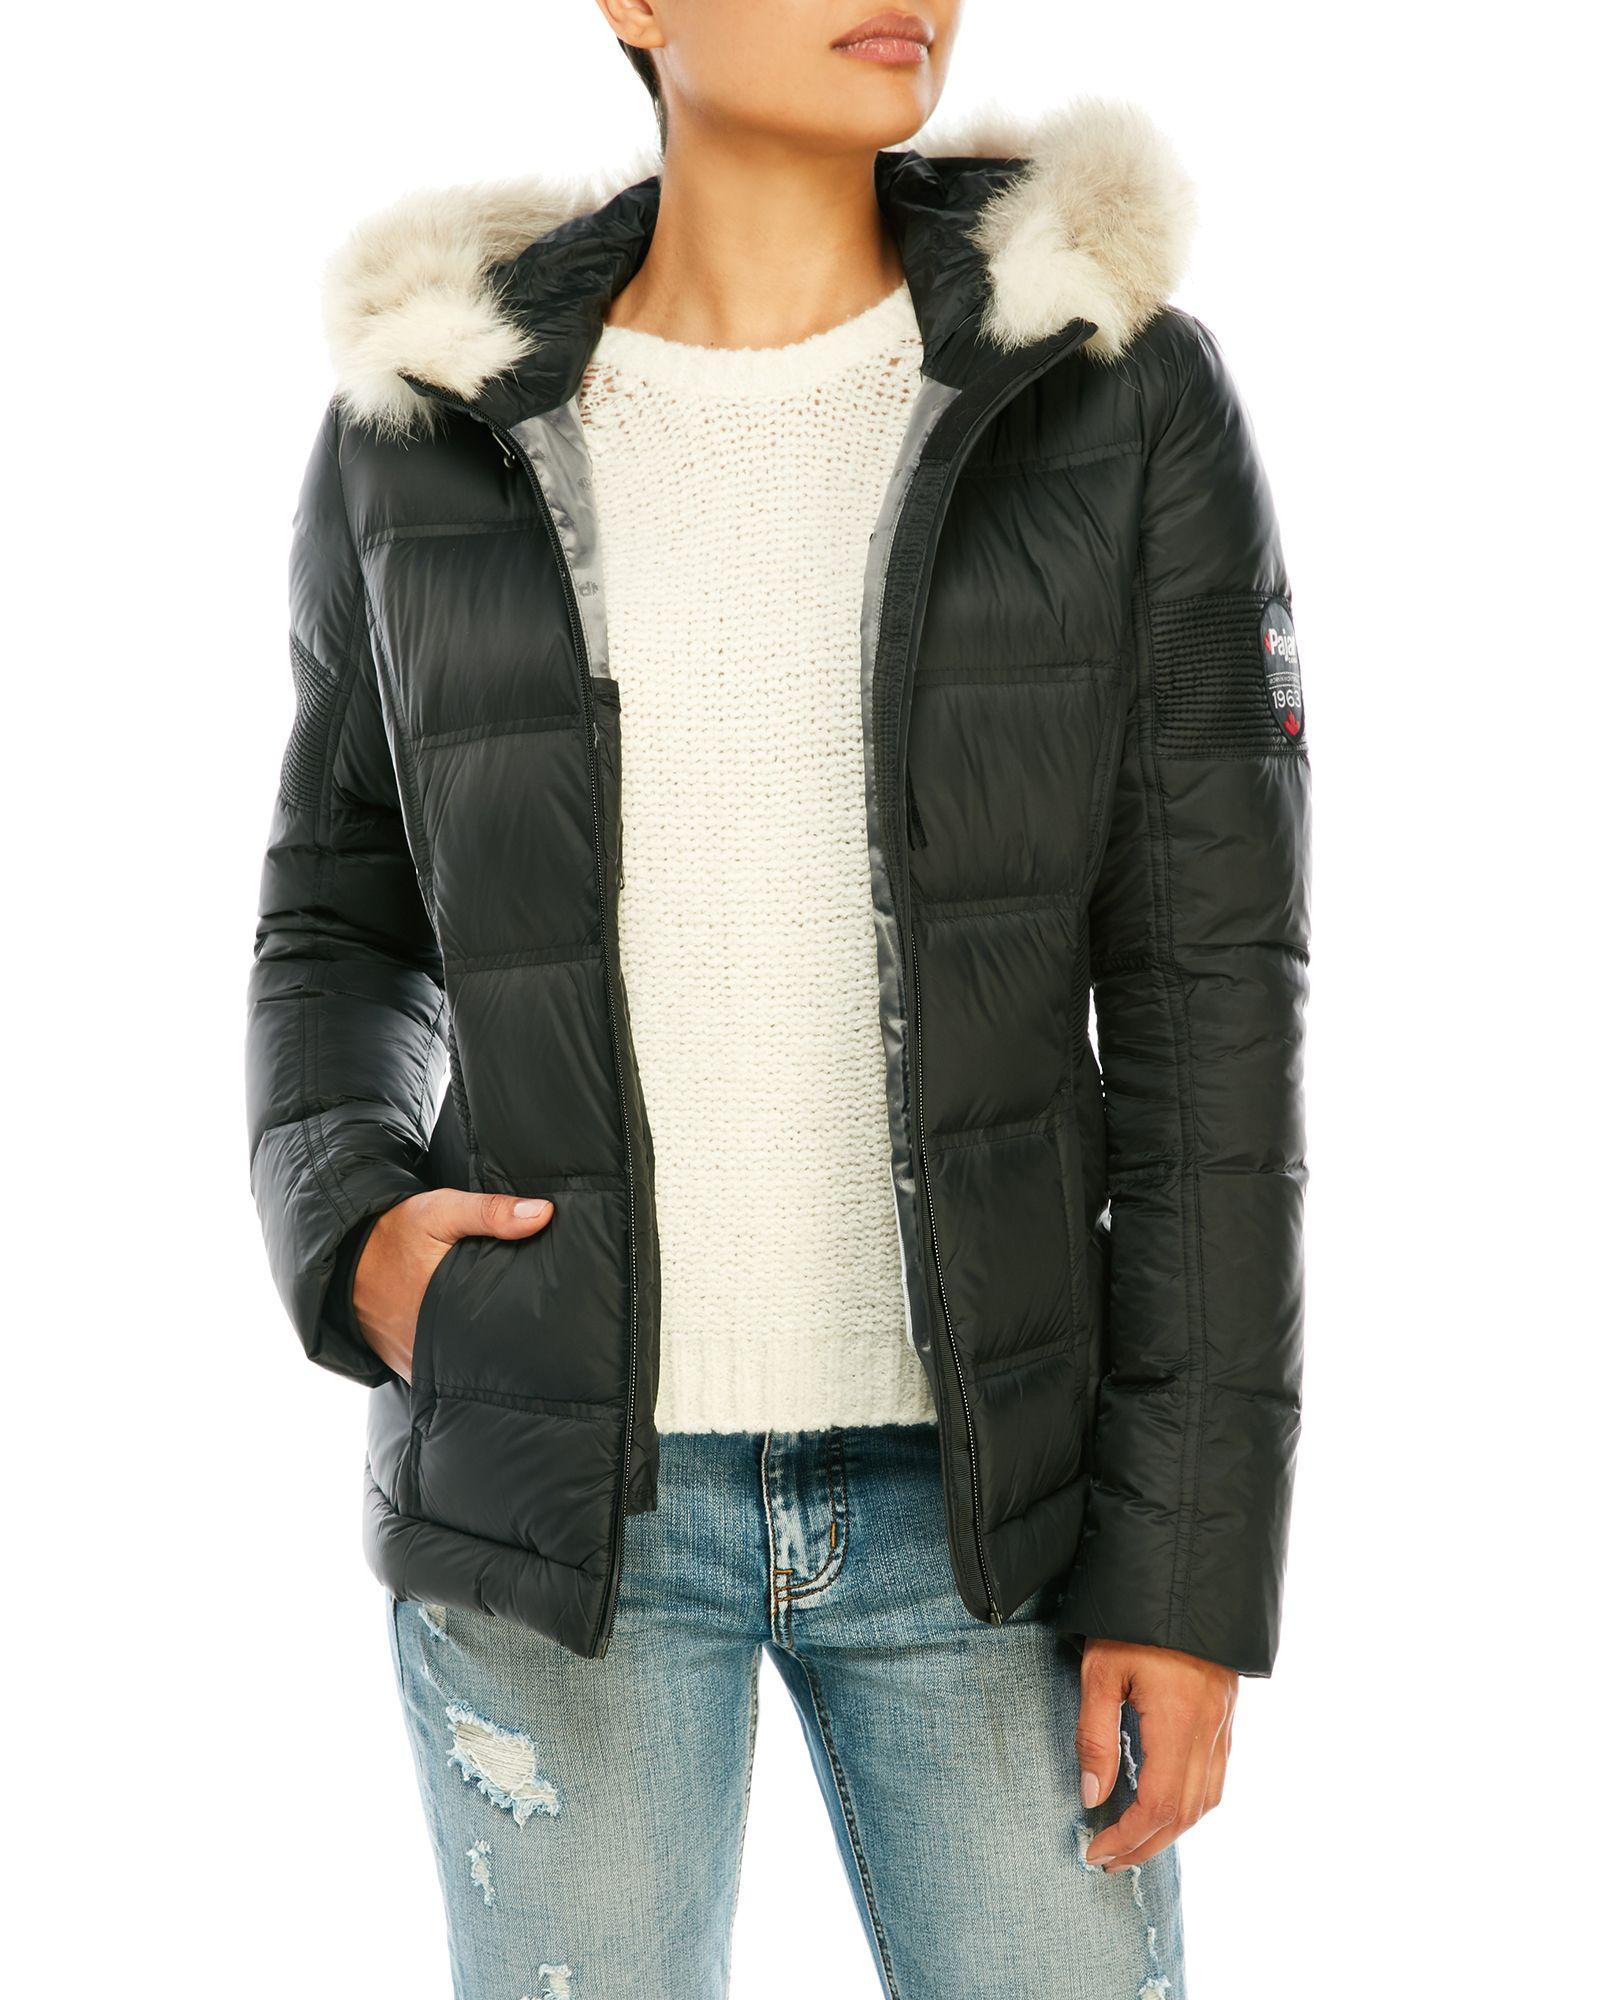 Shop Online Moncler Jacket Outlet Prices, Buy Pajar Fur